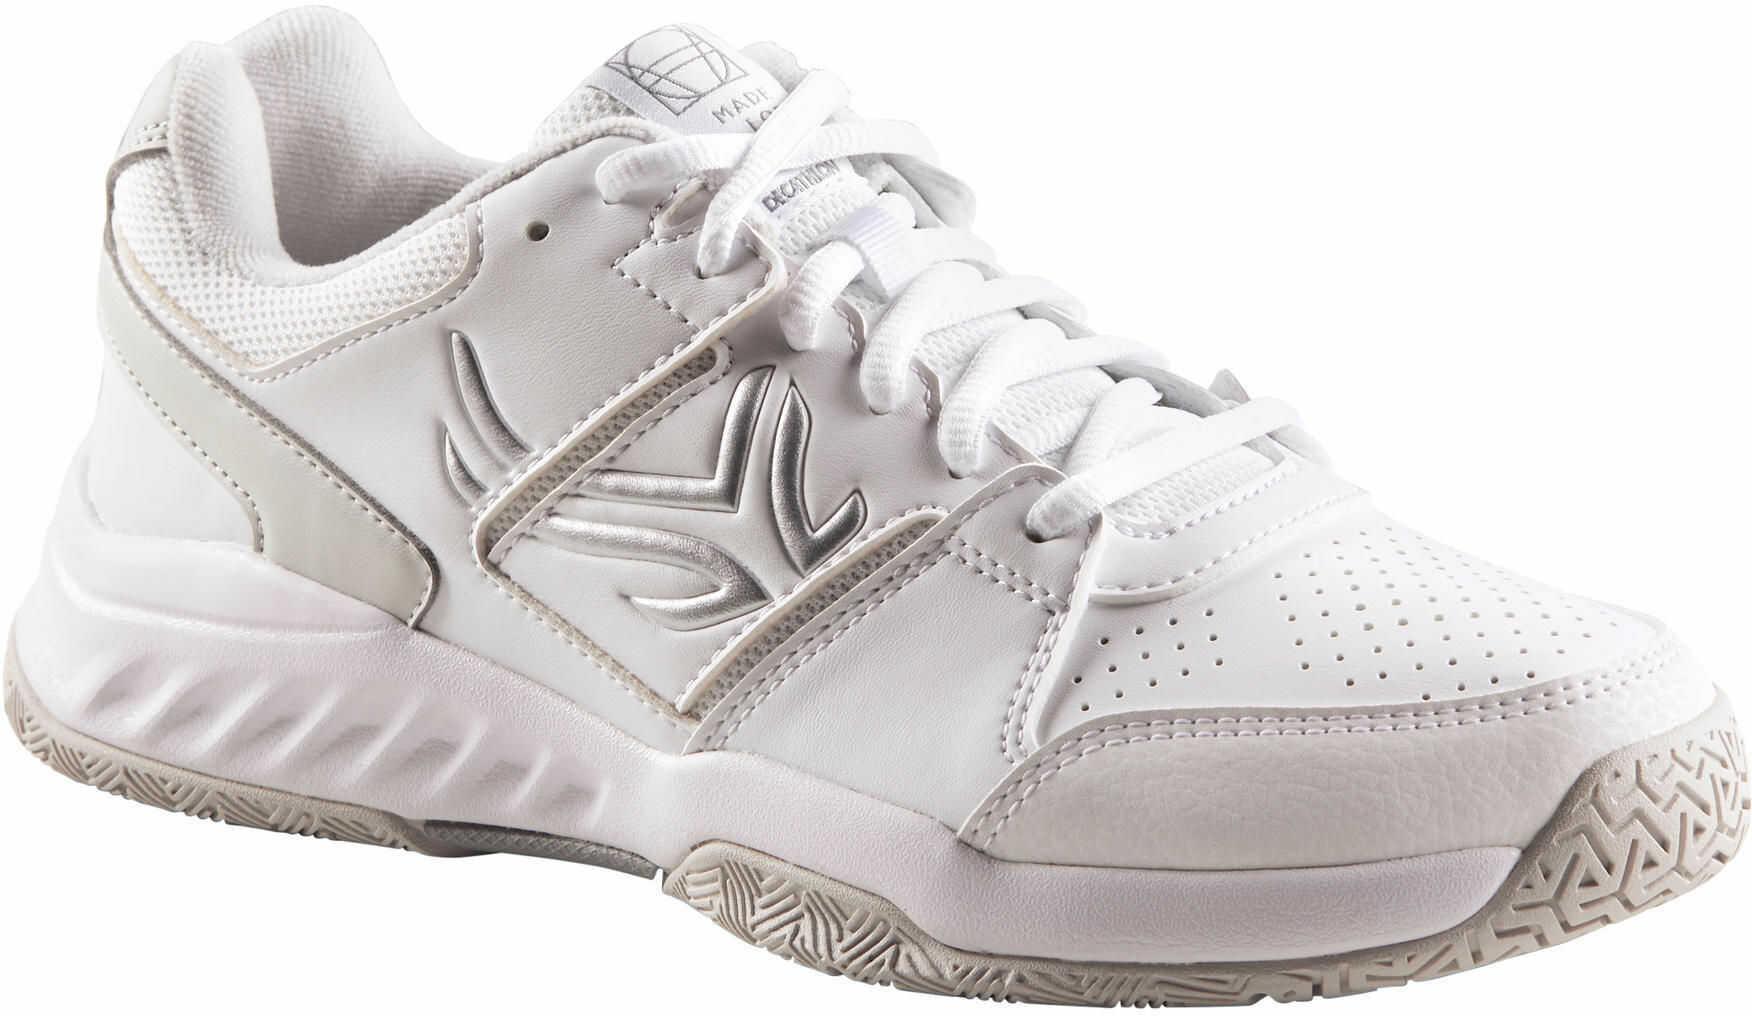 Buty tenisowe TS160 damskie